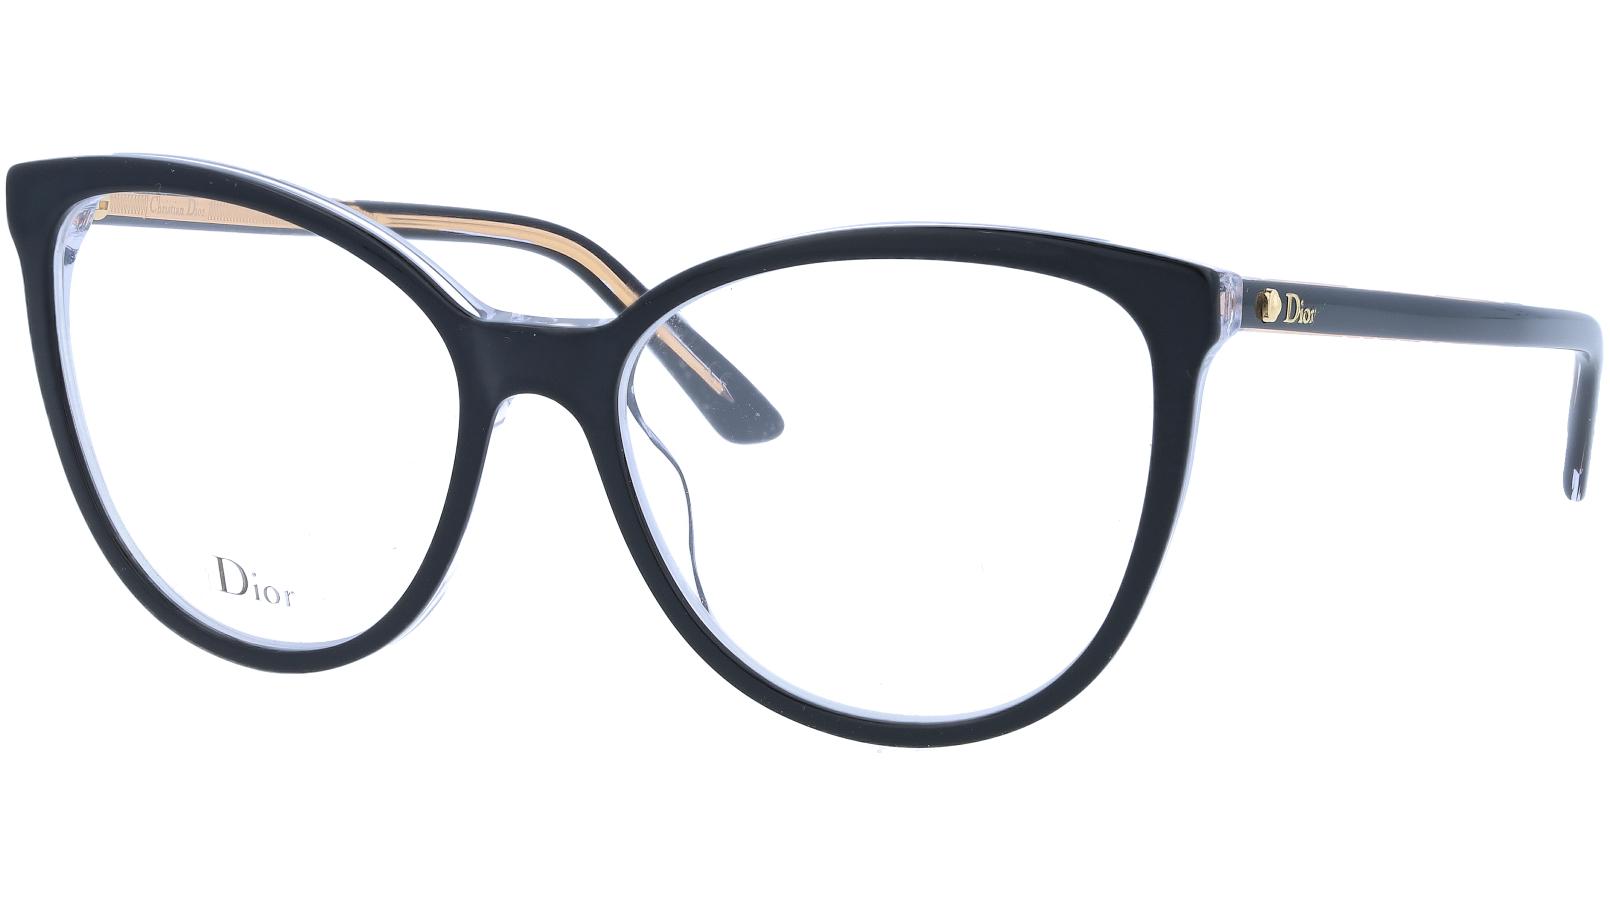 Dior MONTAIGNE25 TKX 53 Black Glasses